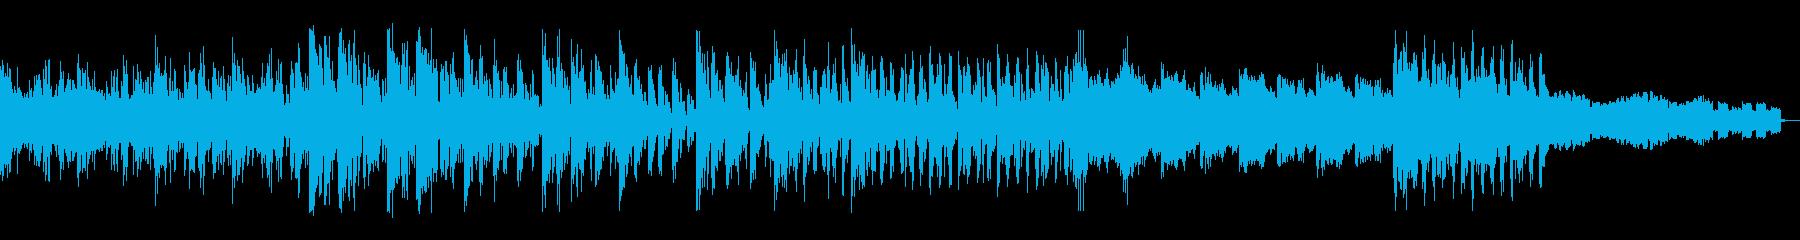 映画のアクションシーンのようなBGMの再生済みの波形